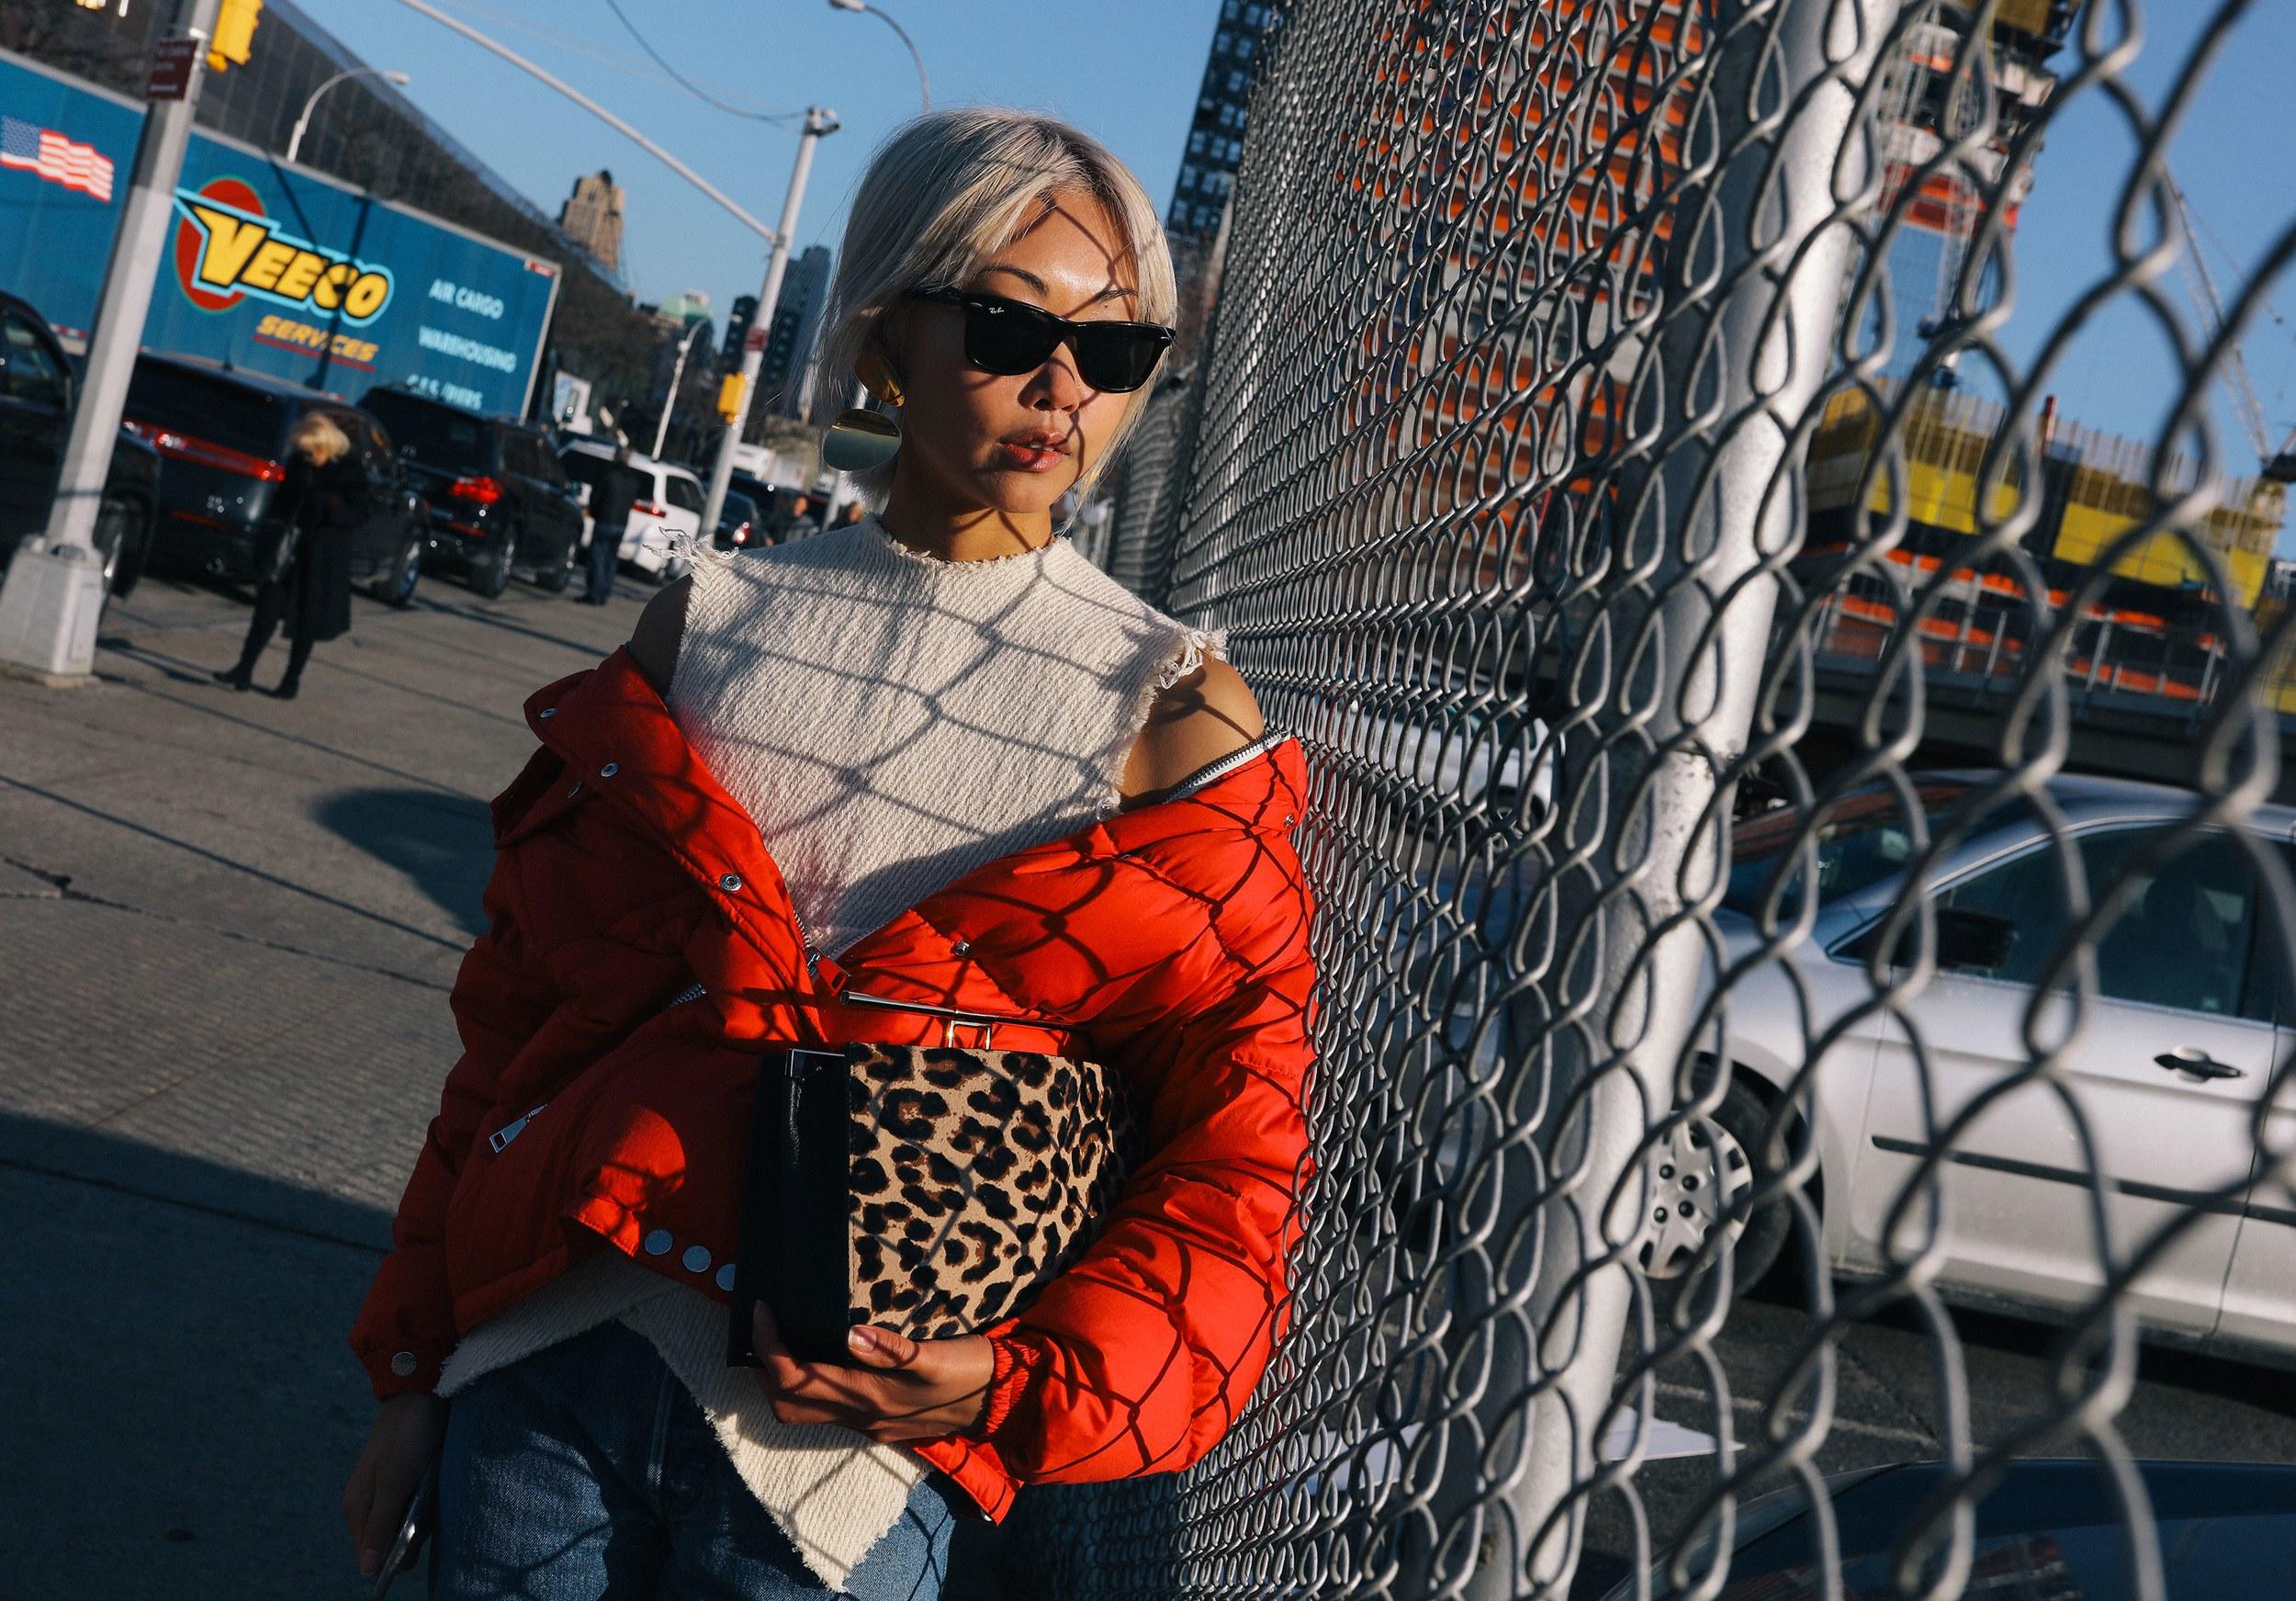 Chiêm ngưỡng đặc sản street style đẹp khó rời mắt tại Tuần lễ thời trang New York - Ảnh 2.